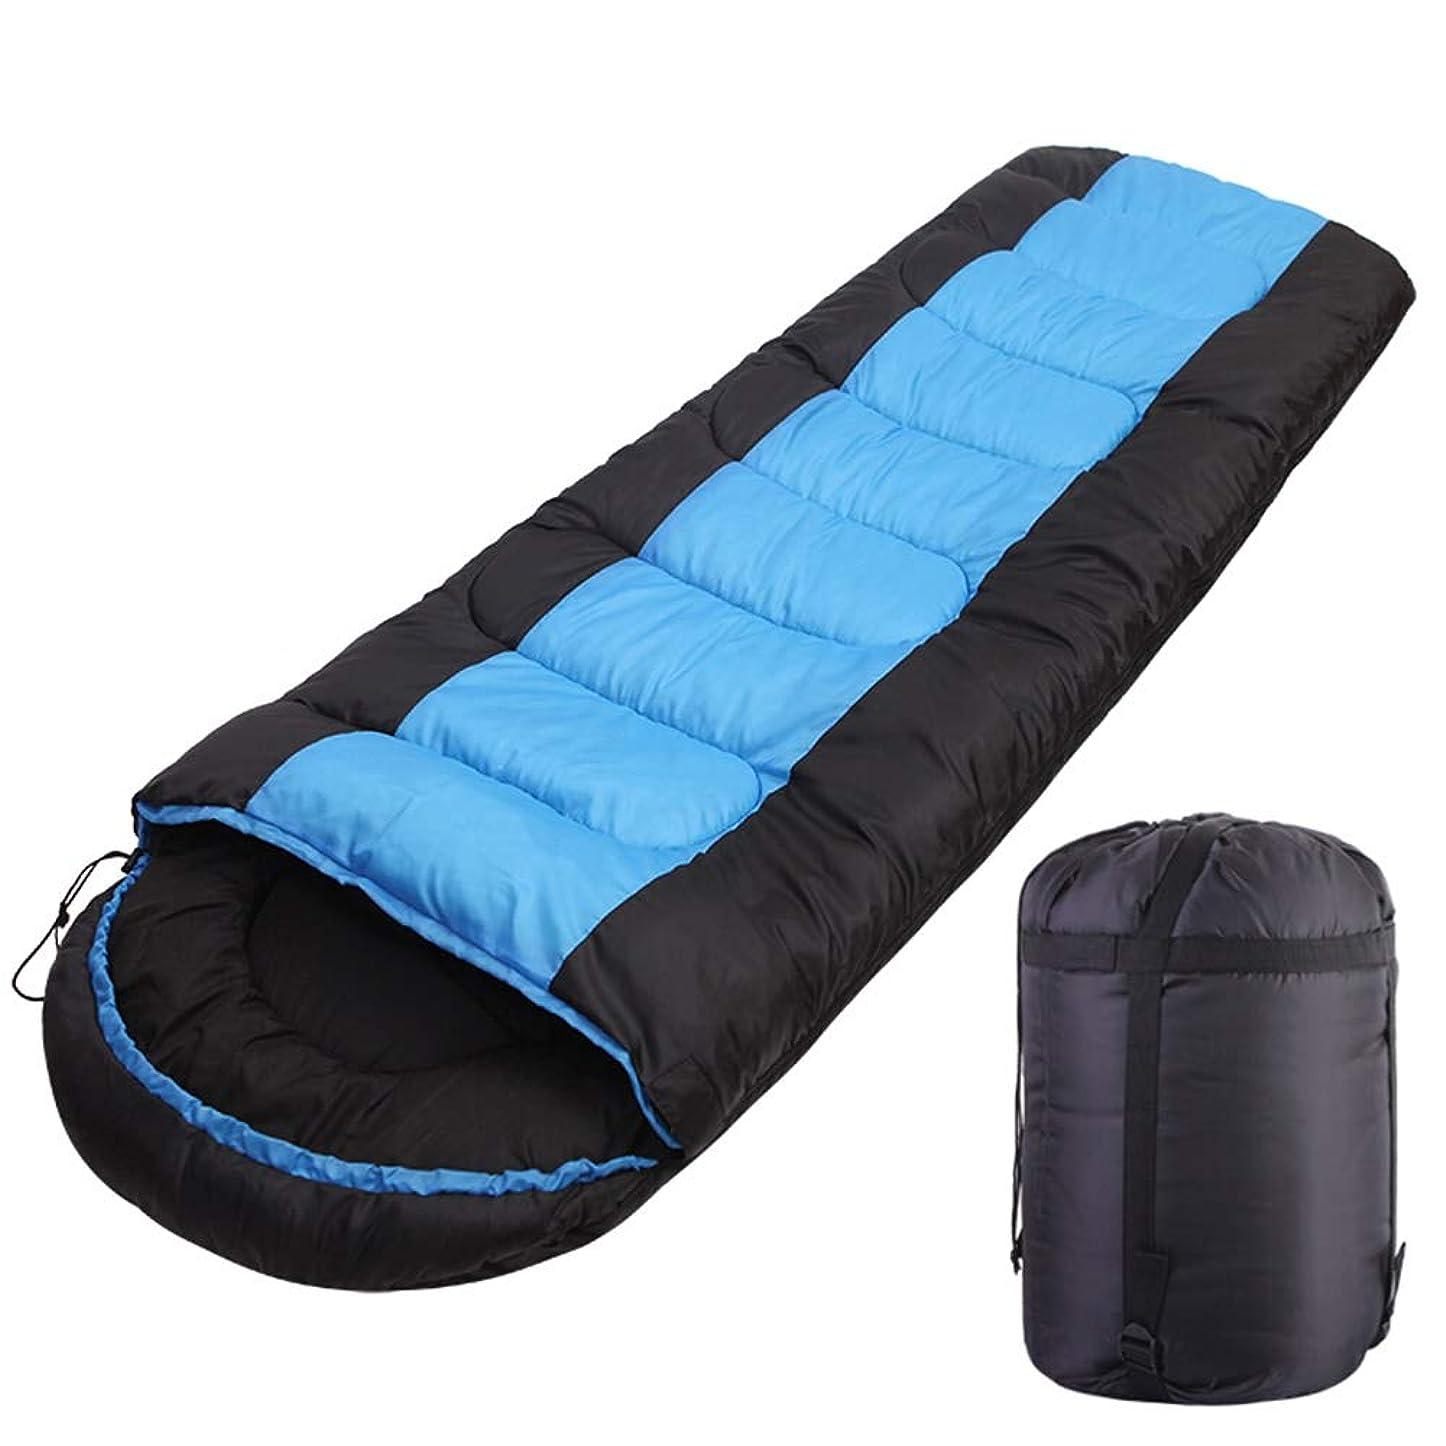 テセウス怒り幻想的HS-01 バッグ、屋内寝袋ふわふわコットン、ポータブルフォーシーズンズ暖かい屋内寝袋、キャンプやハイキング210cmX75cmスリーピング肥厚 HS-01